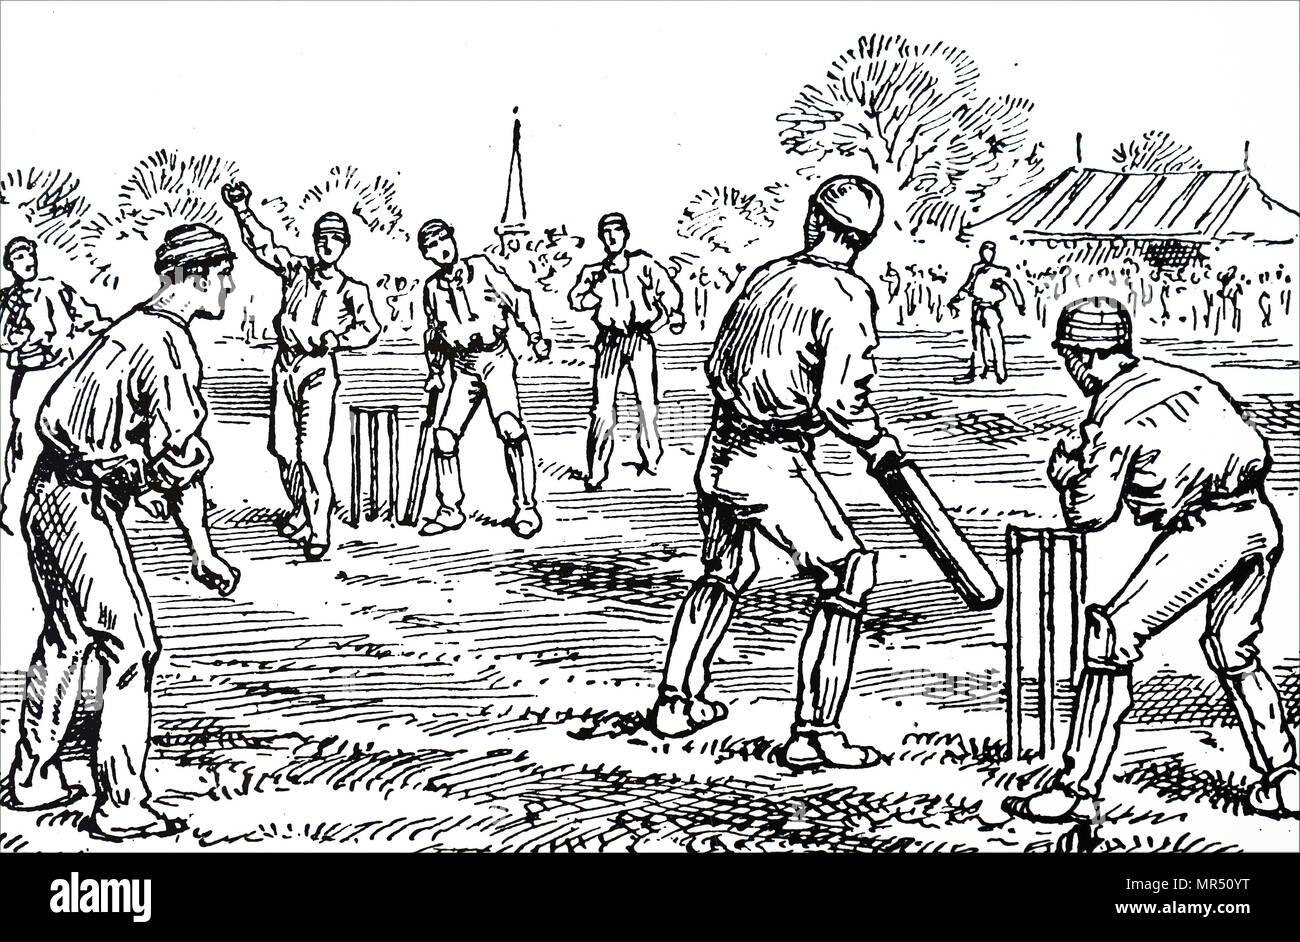 Illustration les hommes à jouer au cricket. En date du 19e siècle Photo Stock